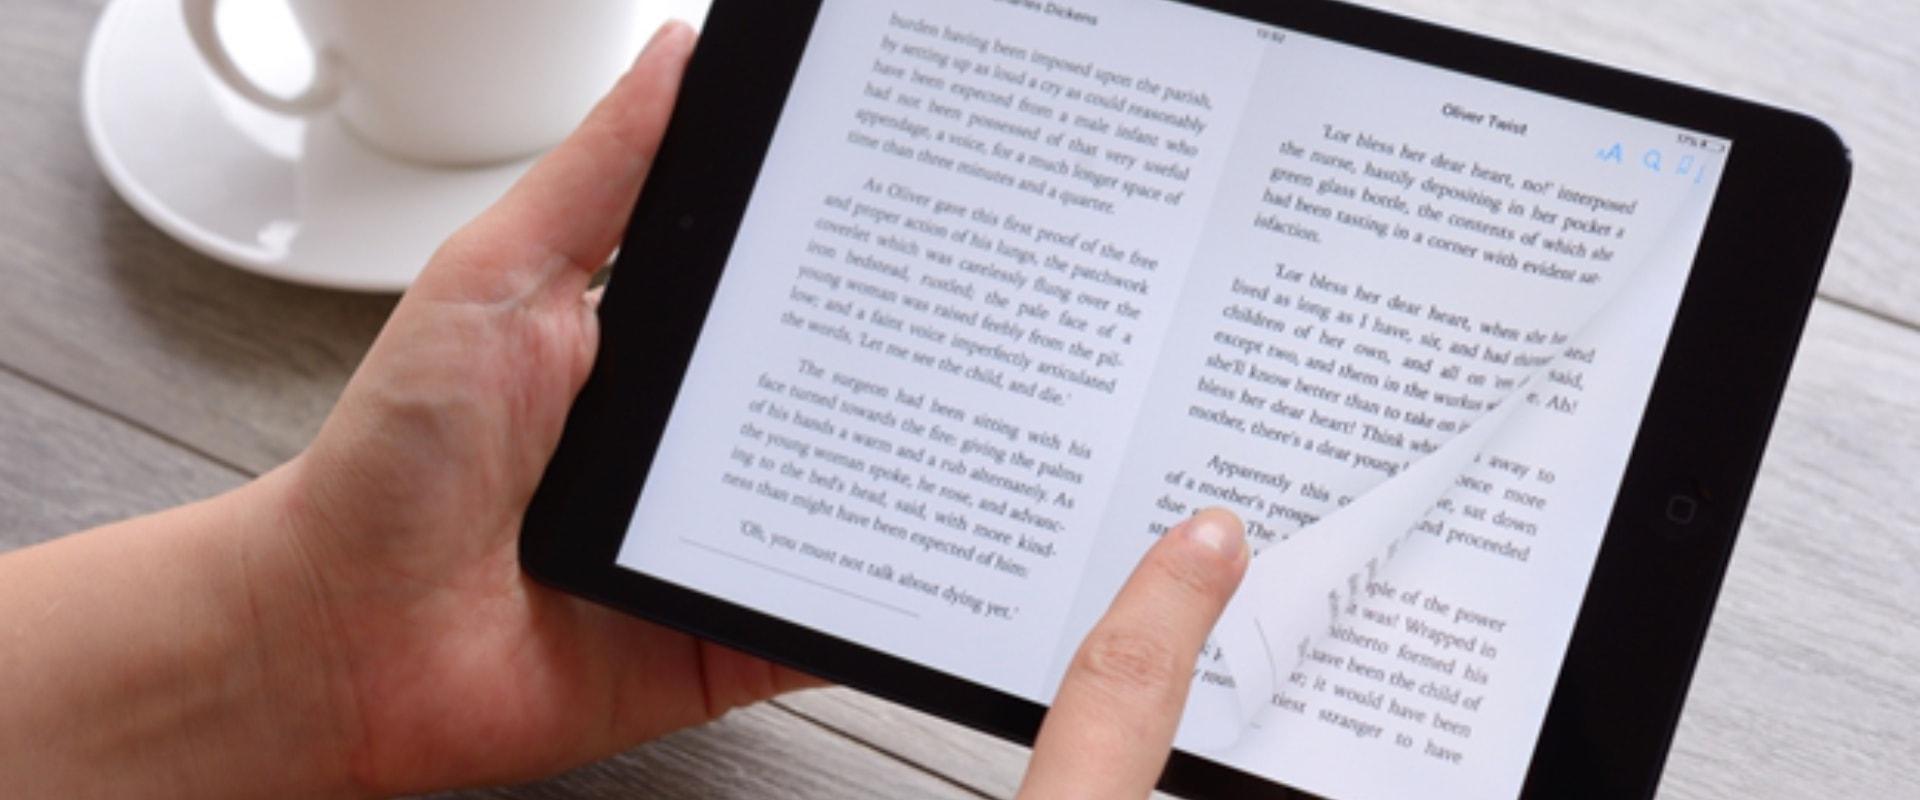 Academy E-Kitaplar | Etkili İletişim Teknikleri Beden Dili Liderlik Motivasyon Etkili Sunum Teknikleri E-kitap E-Book PDF